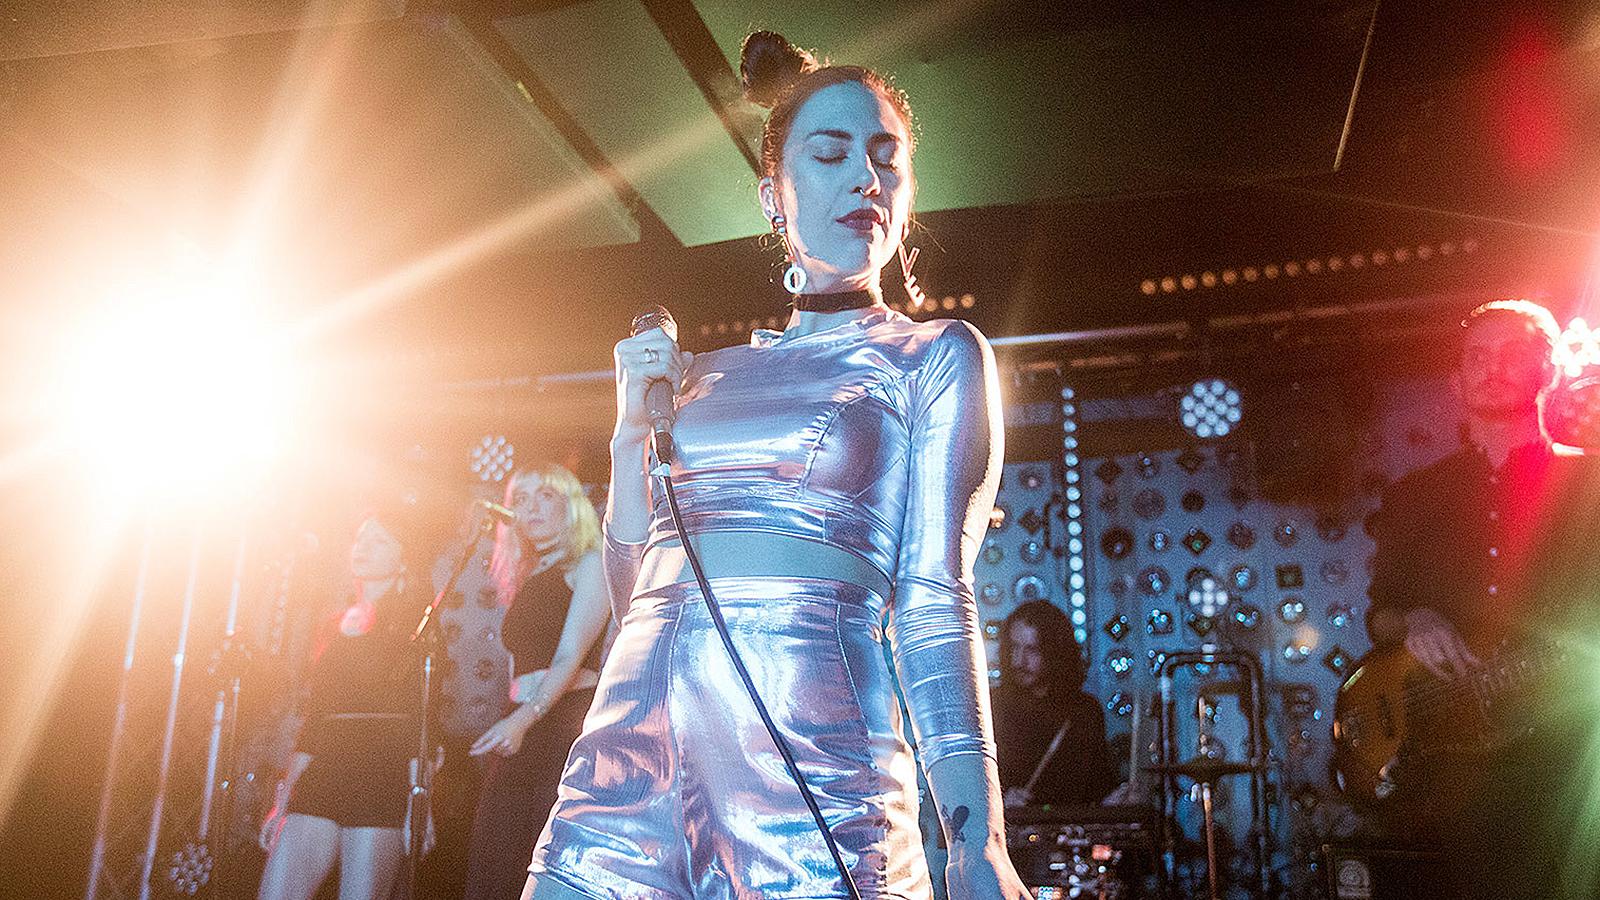 Kristin Kontrol performing